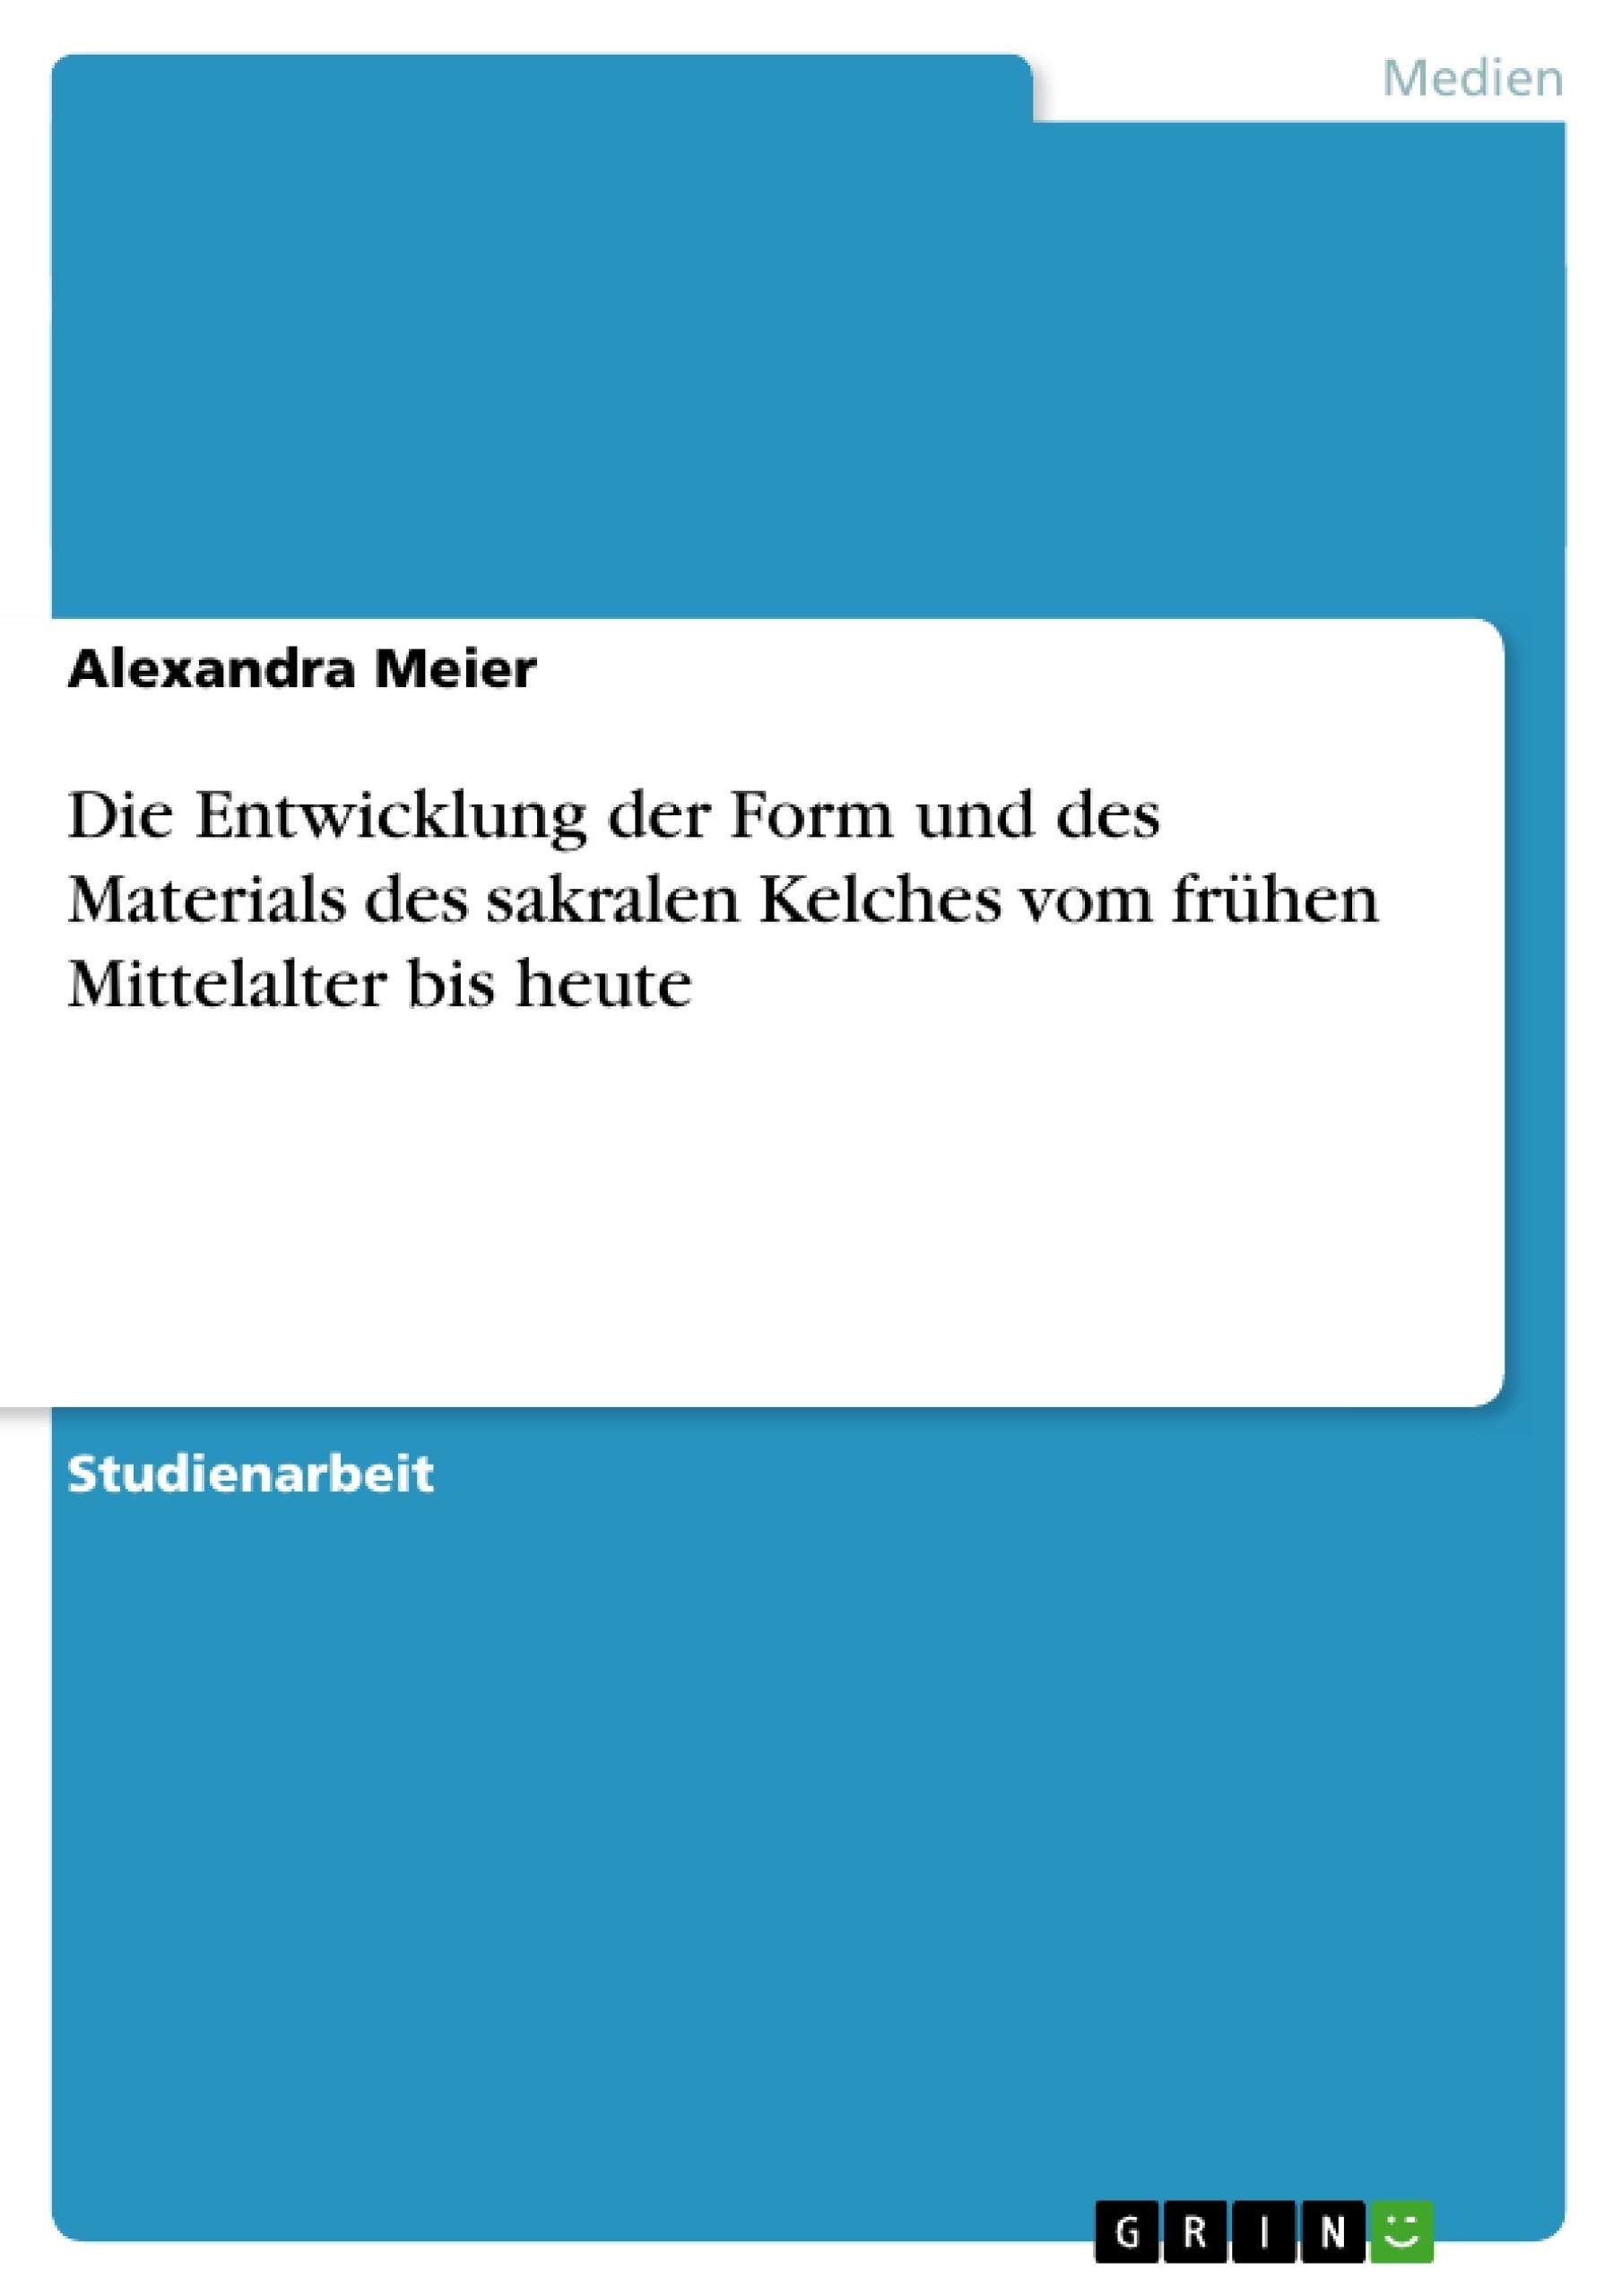 Titel: Die Entwicklung der Form und des Materials des sakralen Kelches vom frühen Mittelalter bis heute